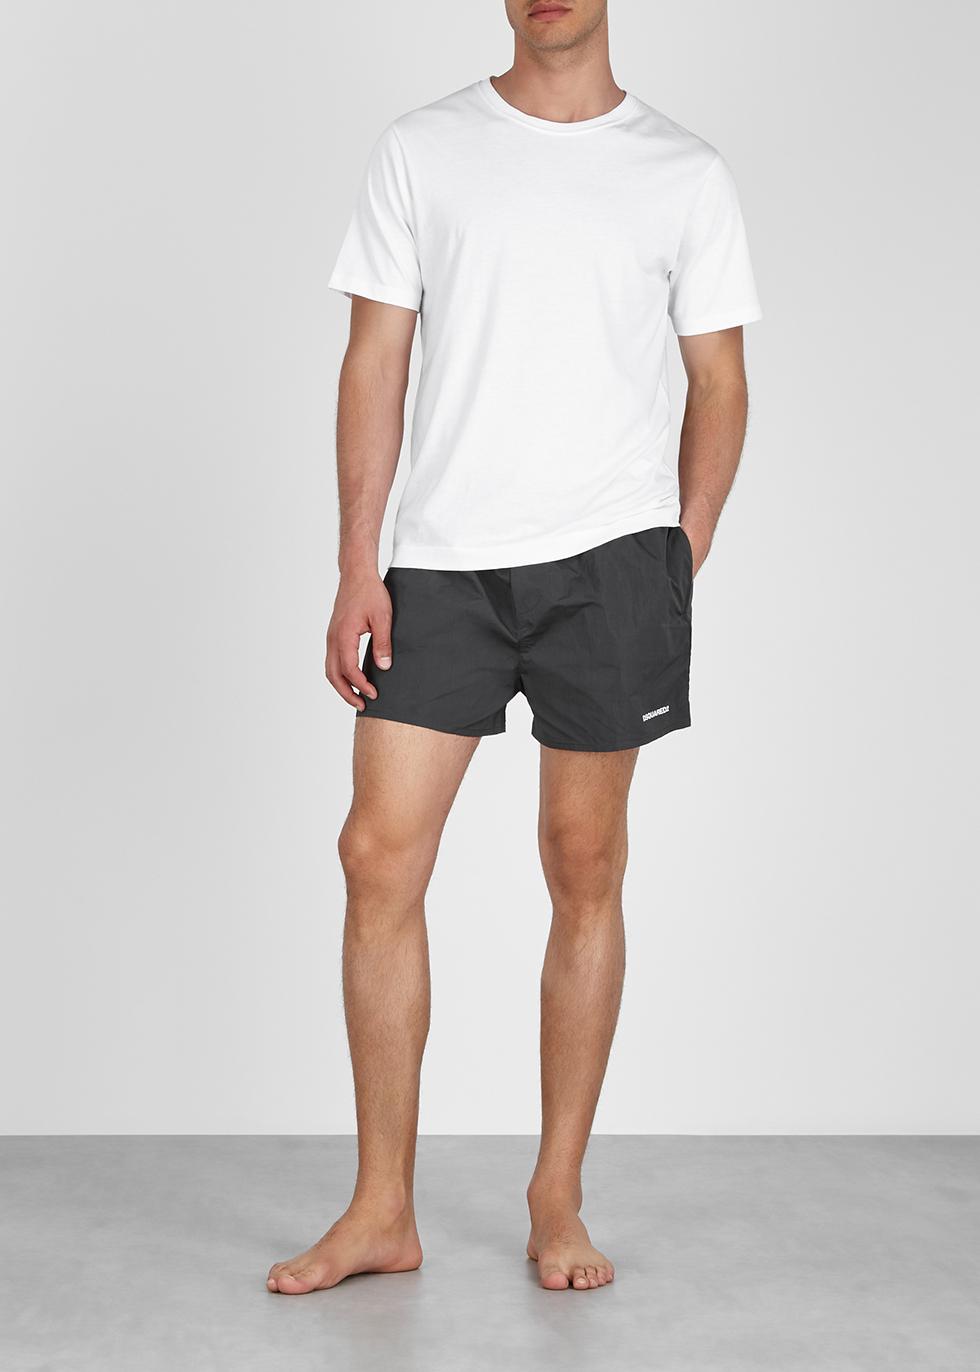 c7833d33d4 Men's Designer Swimwear - Swim Shorts & Trunks - Harvey Nichols